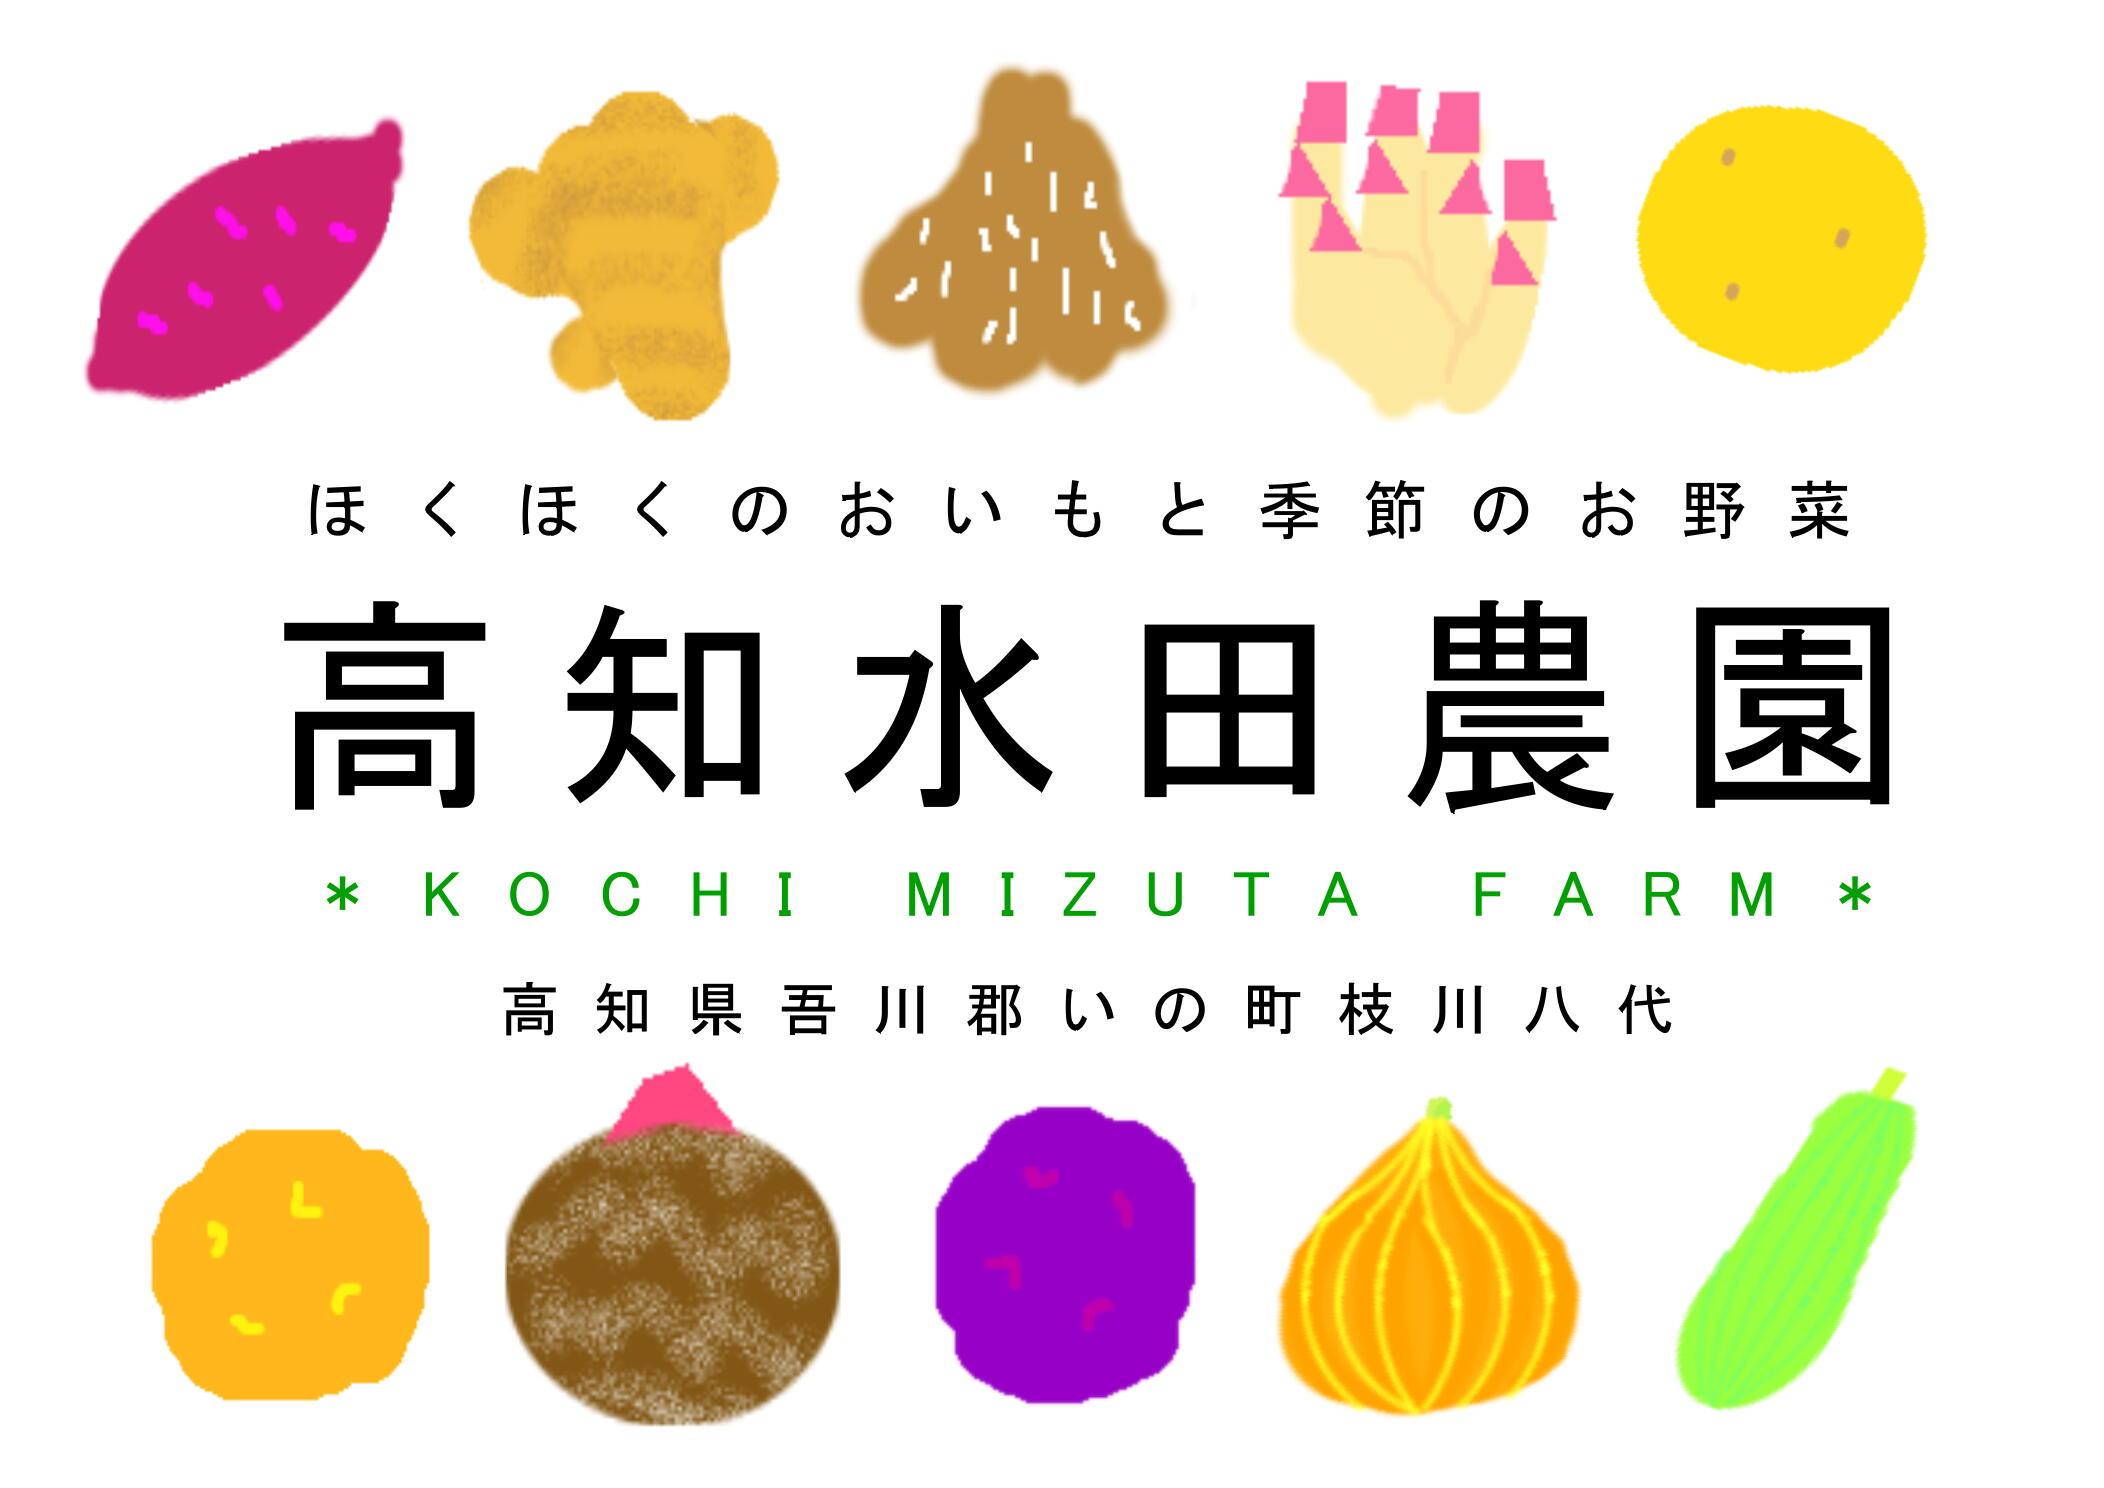 高知水田農園*ベジフルMarket